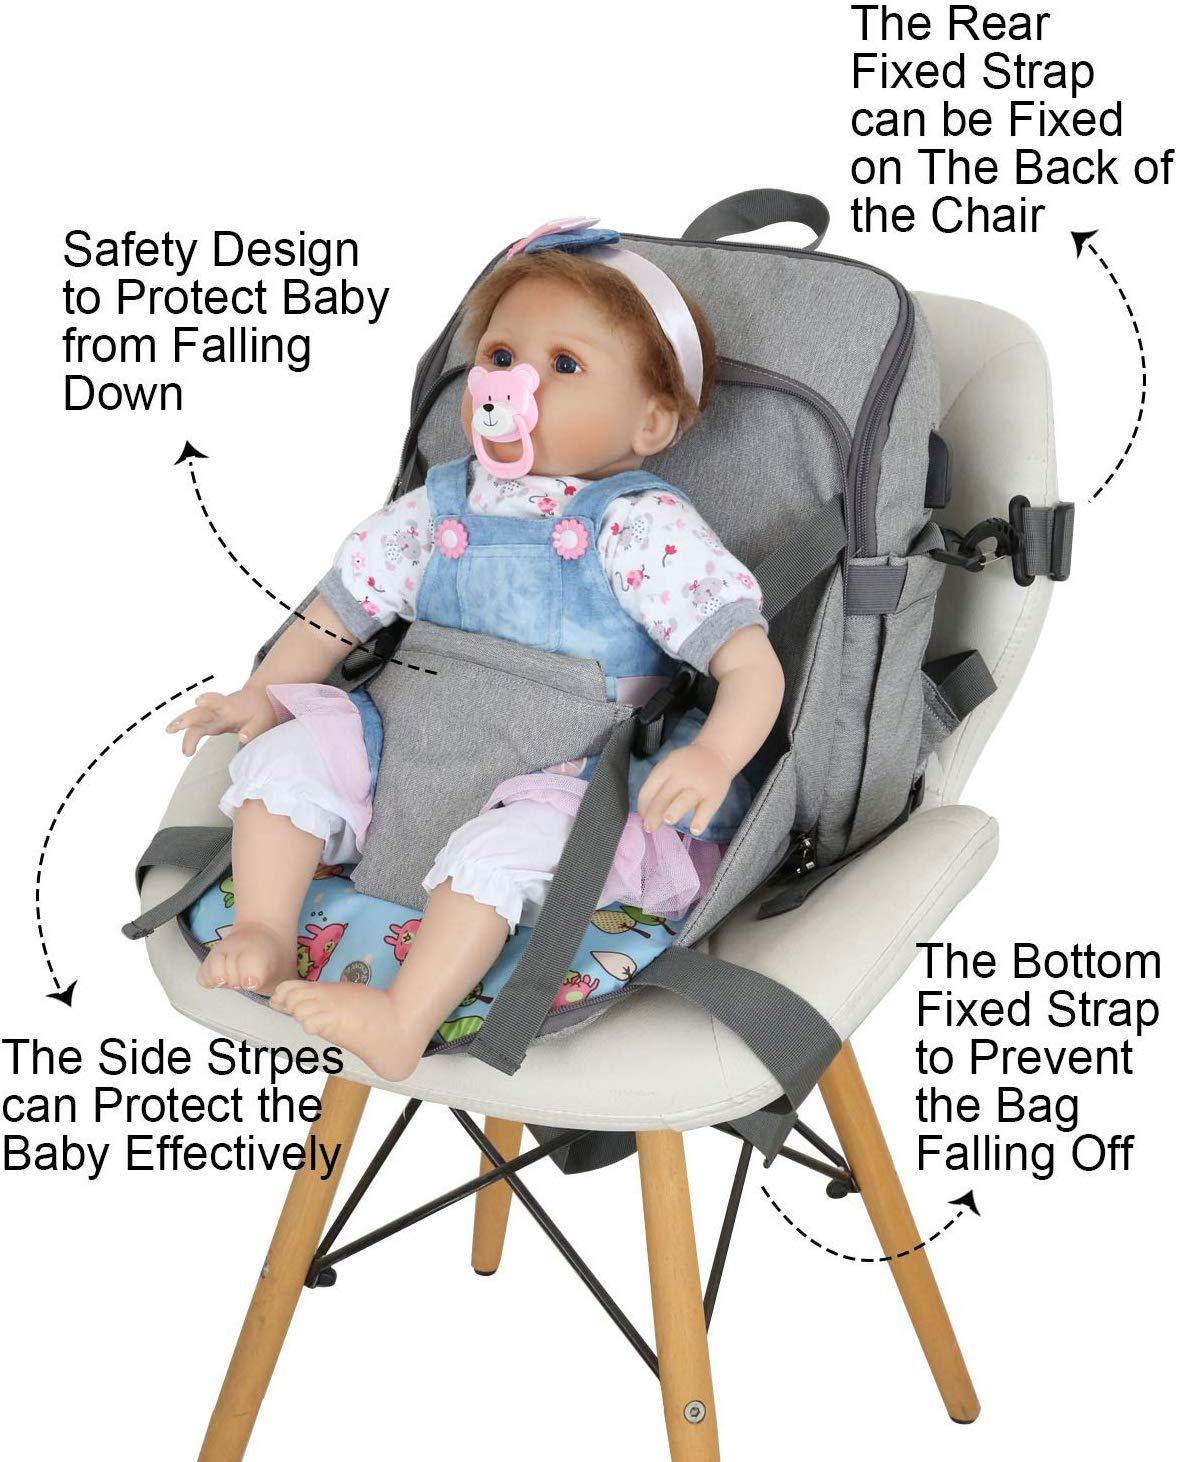 Mommy Reisetasche mit Baby-Handschuhen Windelrucksack Babysitz Wickeltasche 28 x 12 x 36 cm gro/ße Kapazit/ät Buggy-Clips Picaru Wickelrucksack wasserdicht